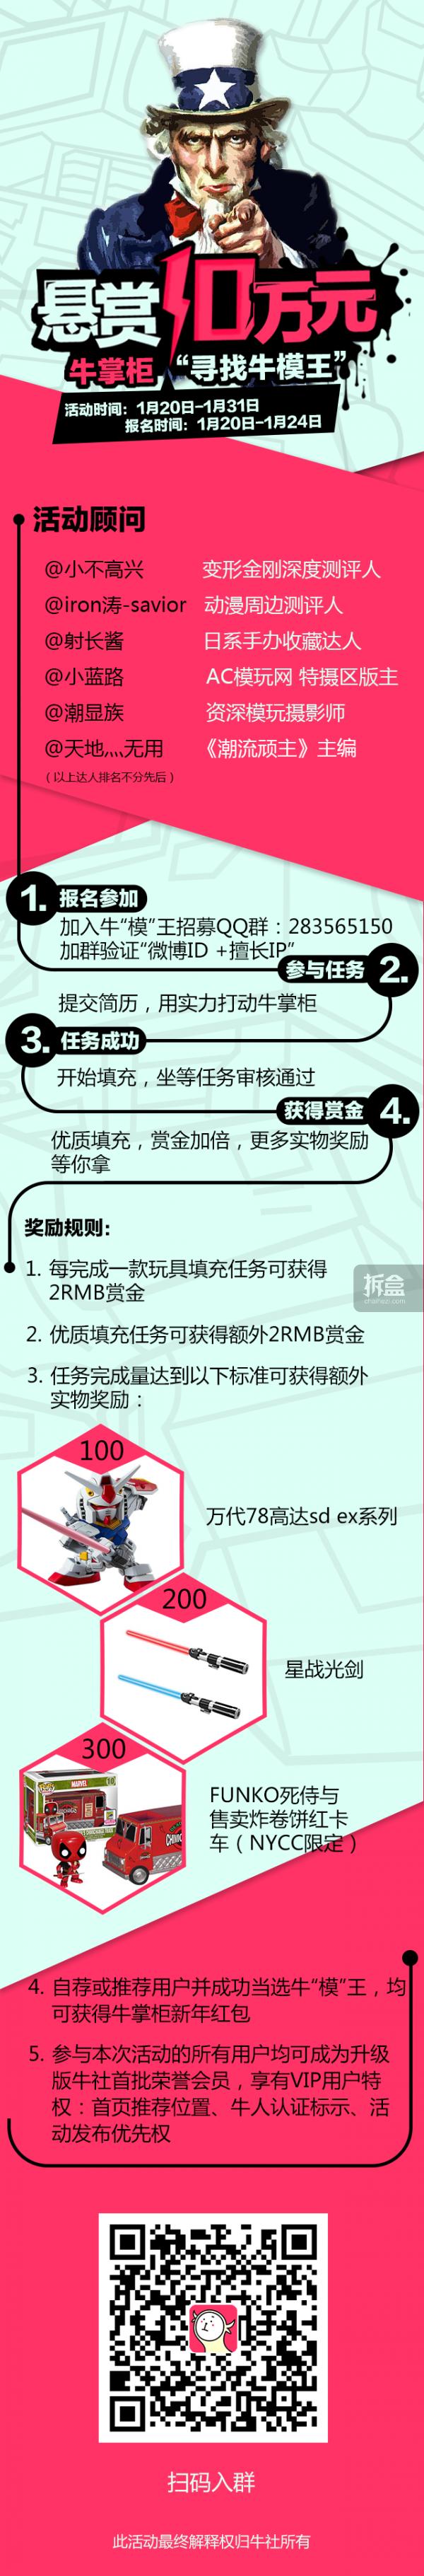 详情请戳→_→http://m.nbclub.cc/News/newsDetails/?id=897